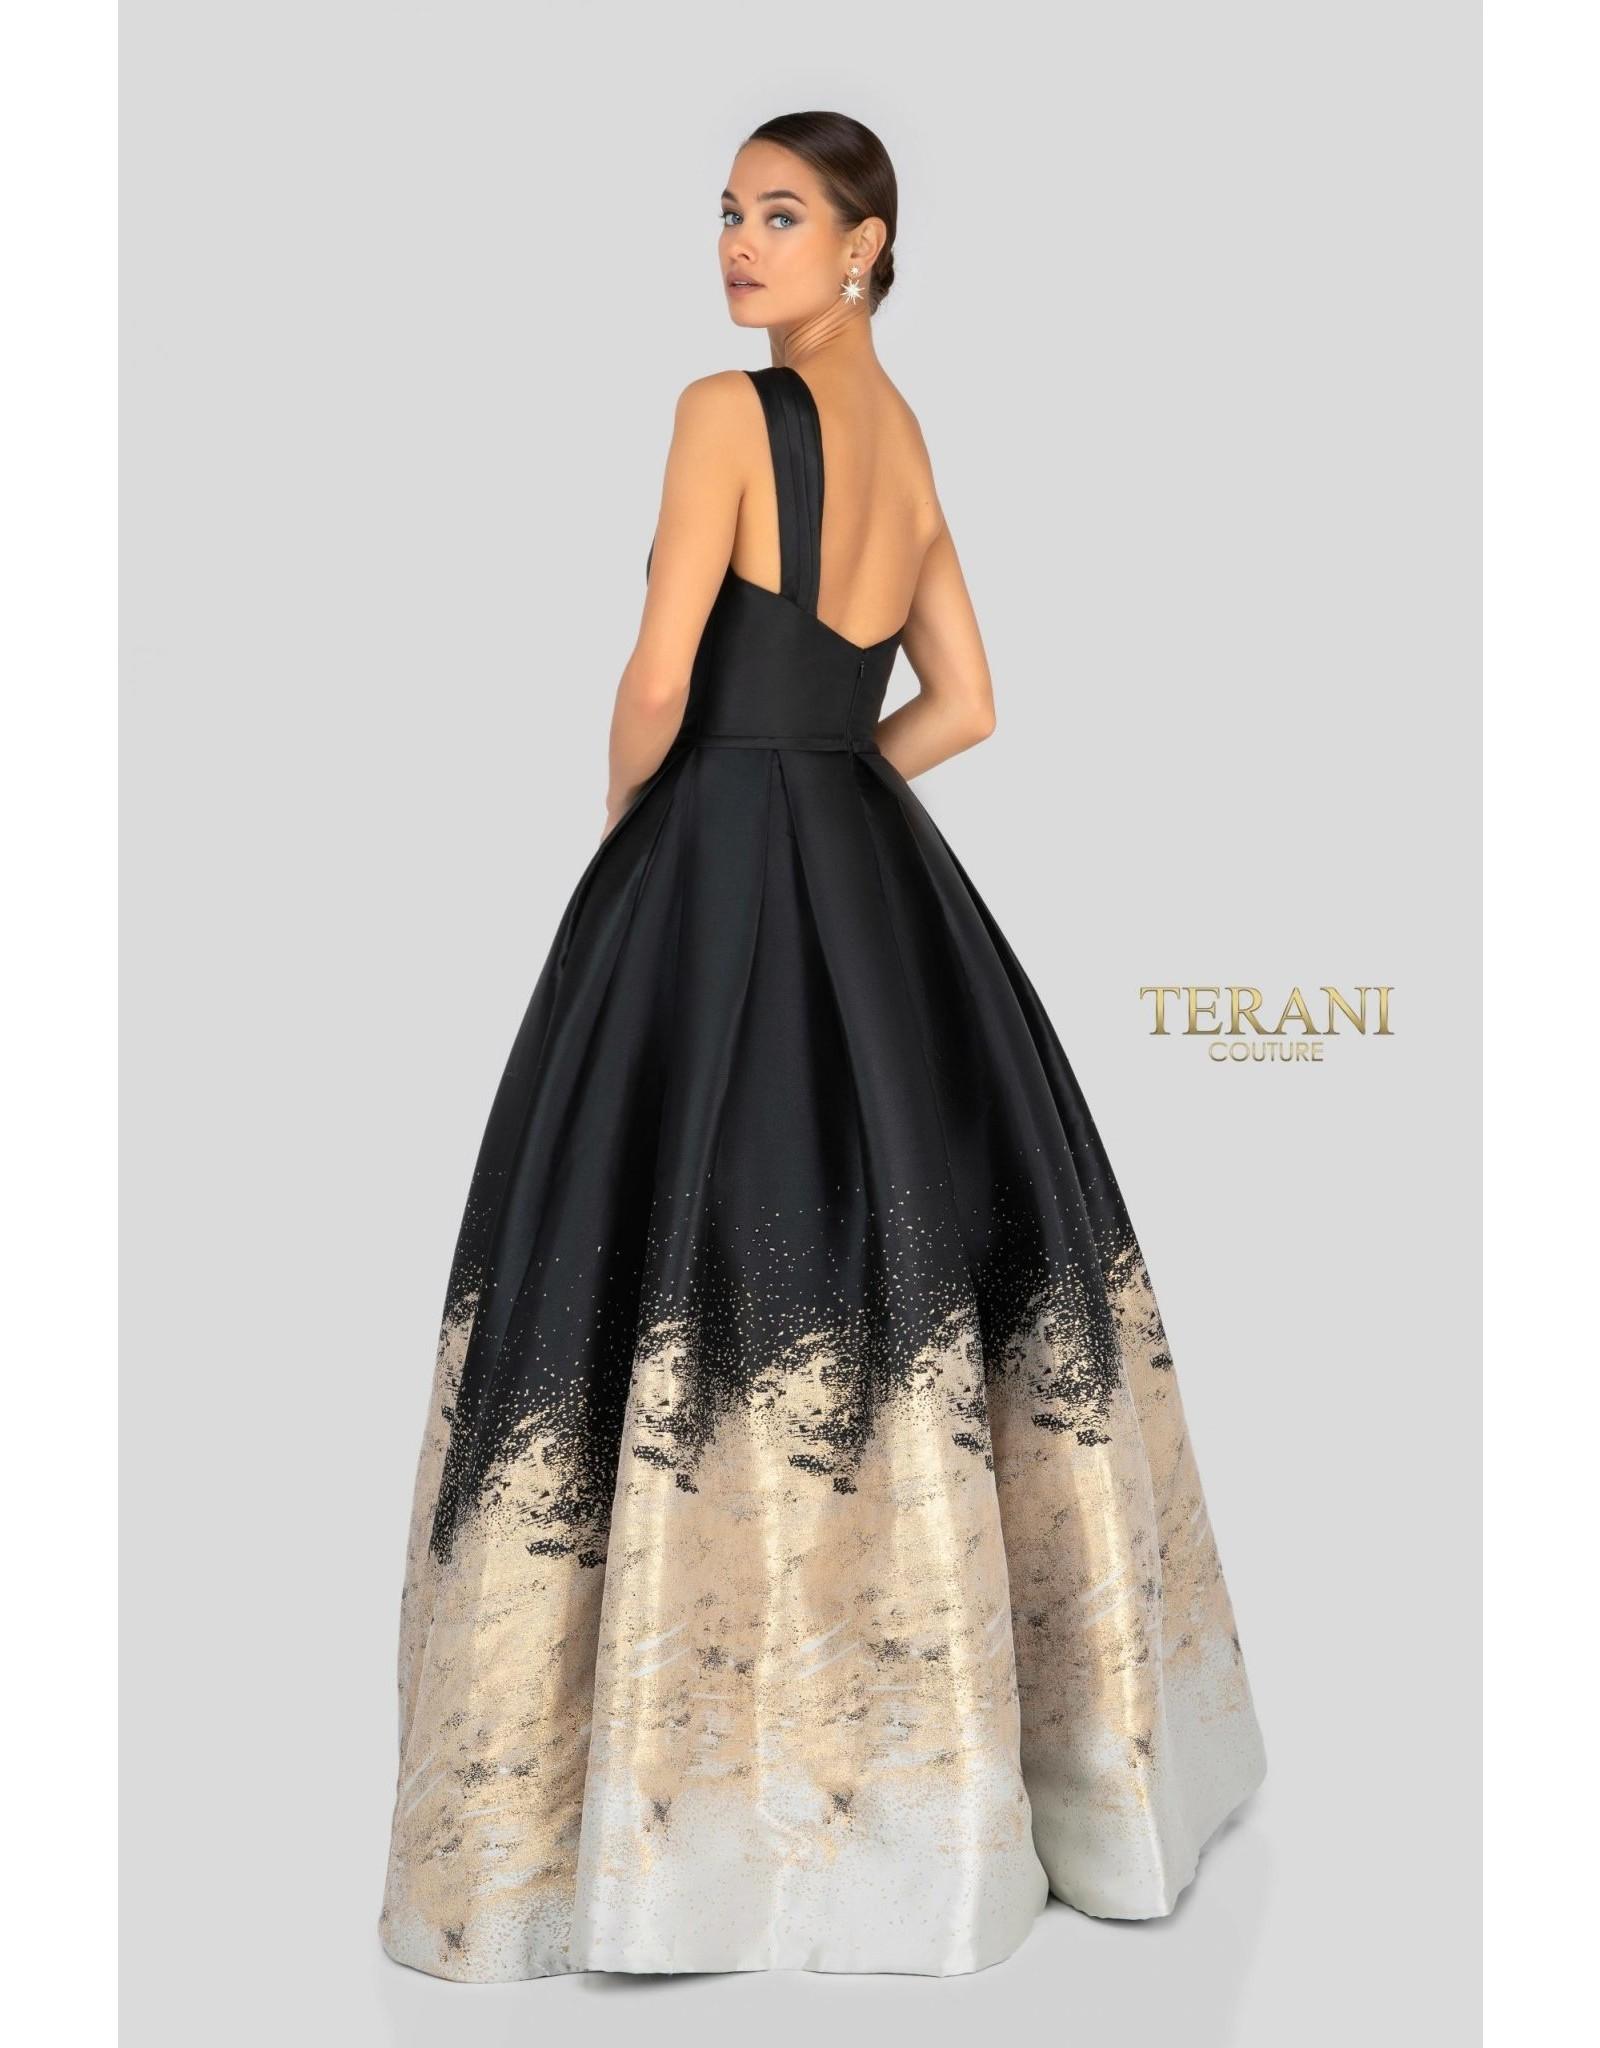 Terani 1912E9180 Terani Dresses